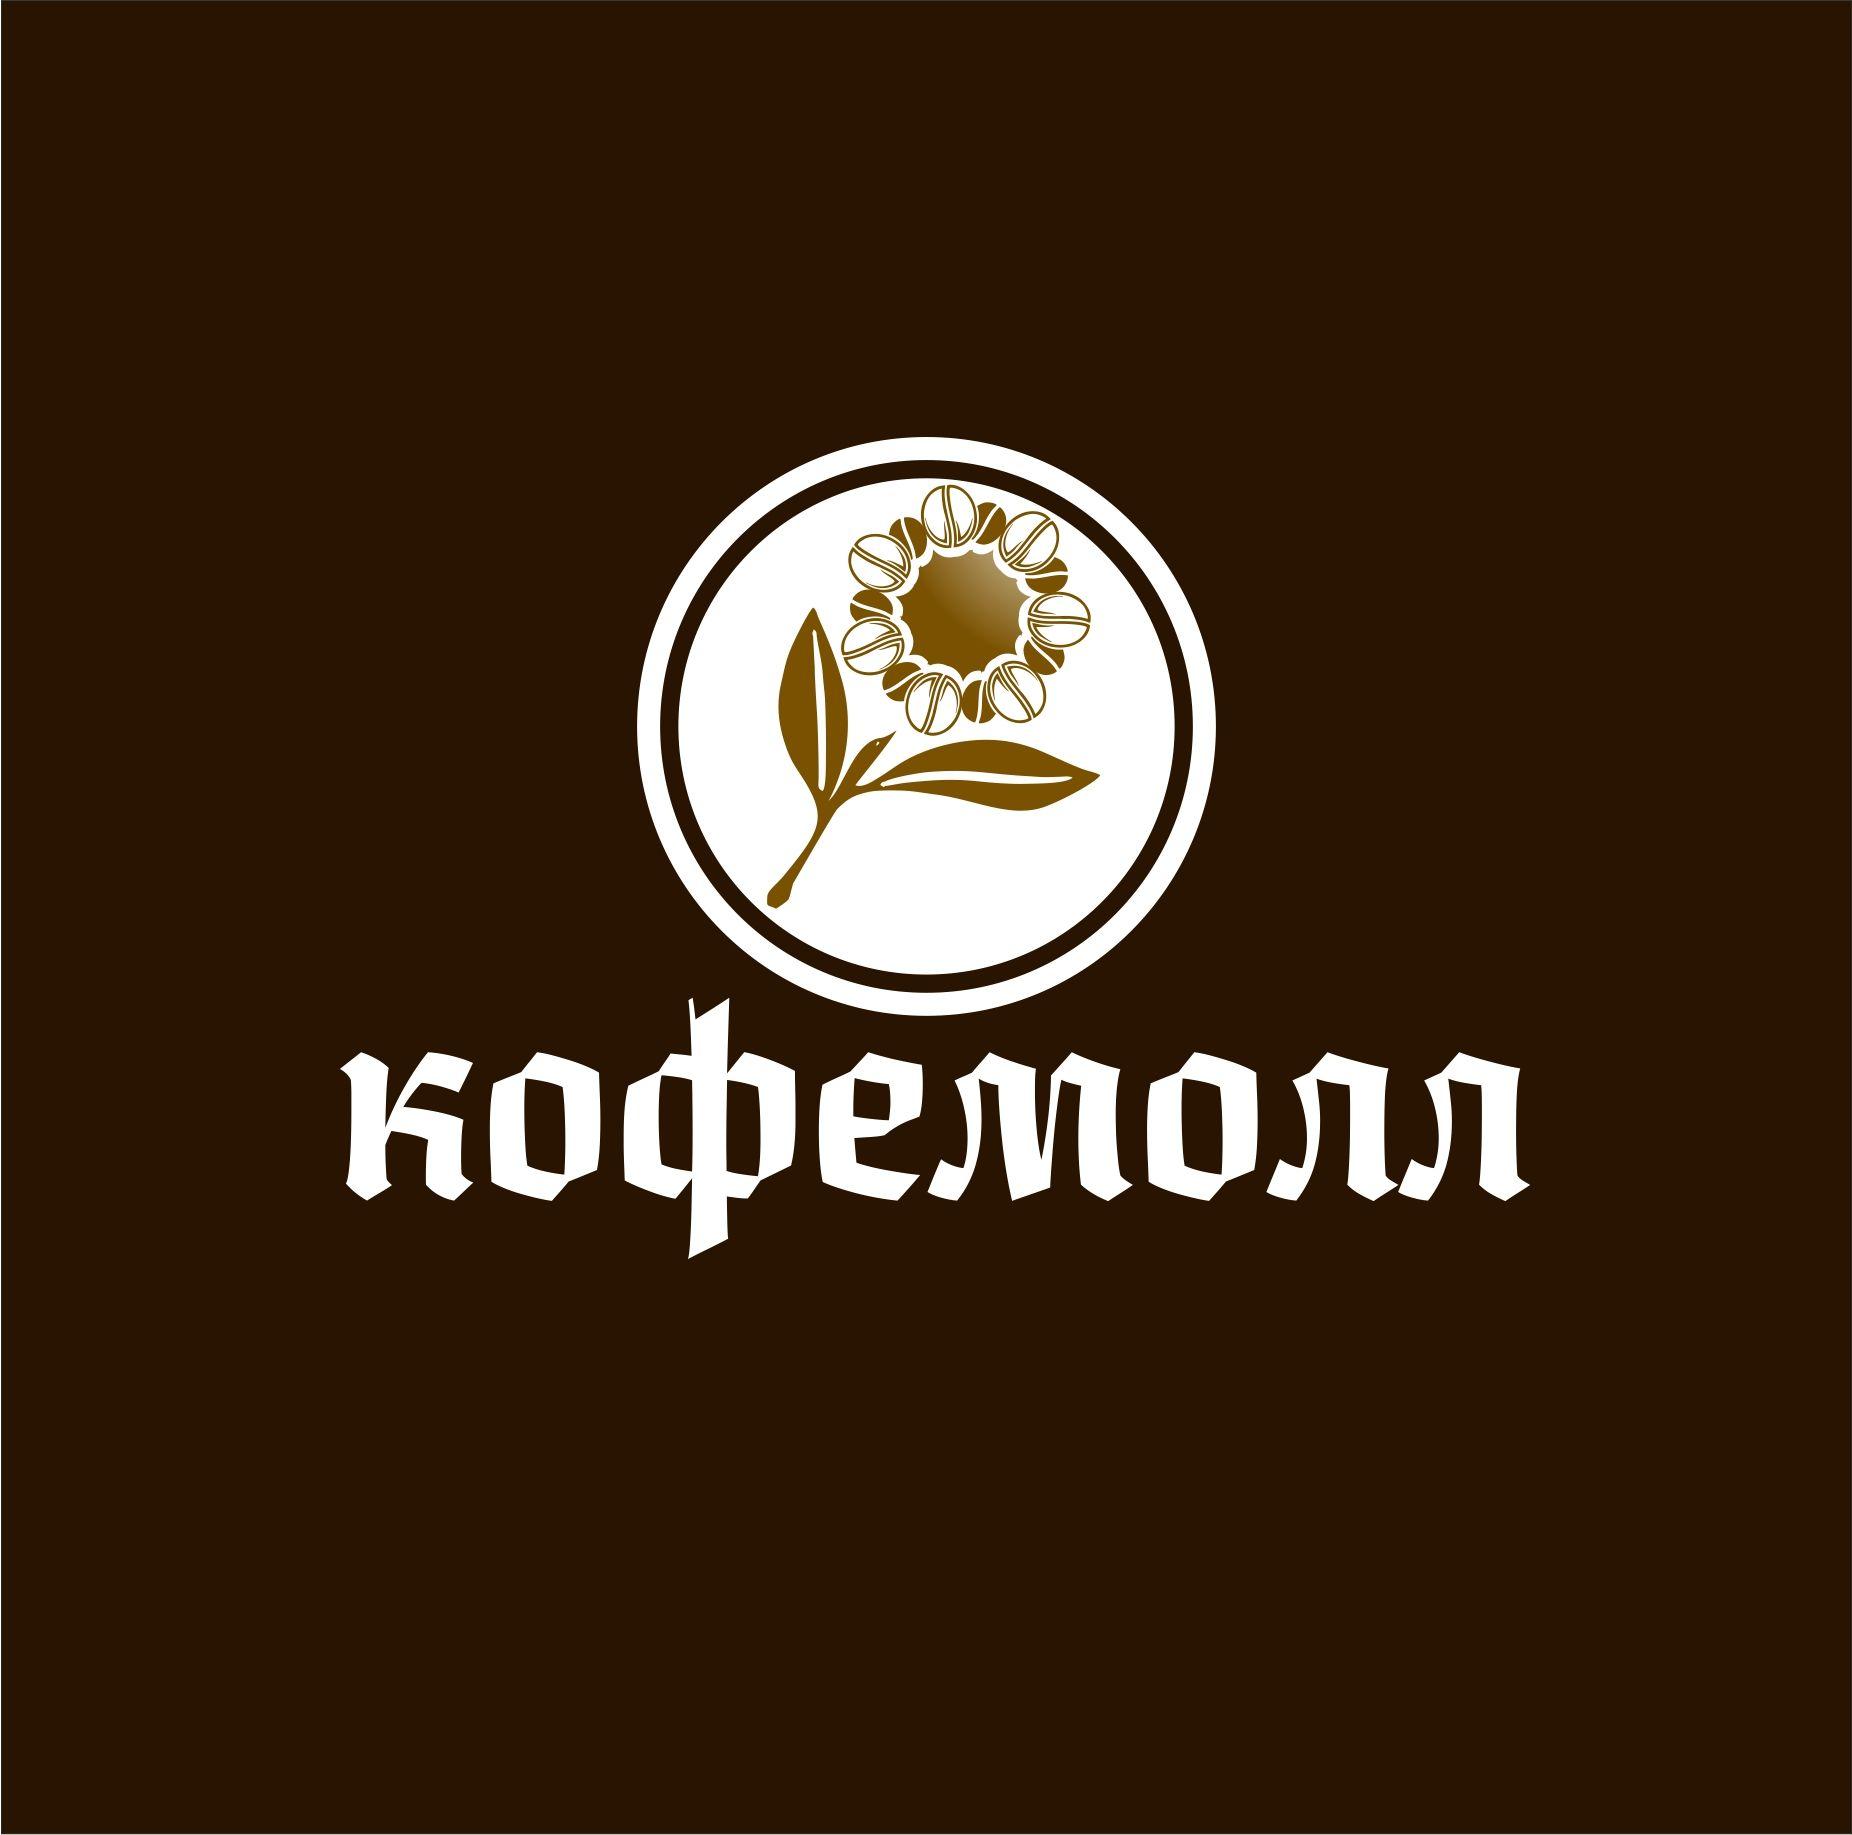 Фирменный стиль для компании КофеМолл - дизайнер hsochi